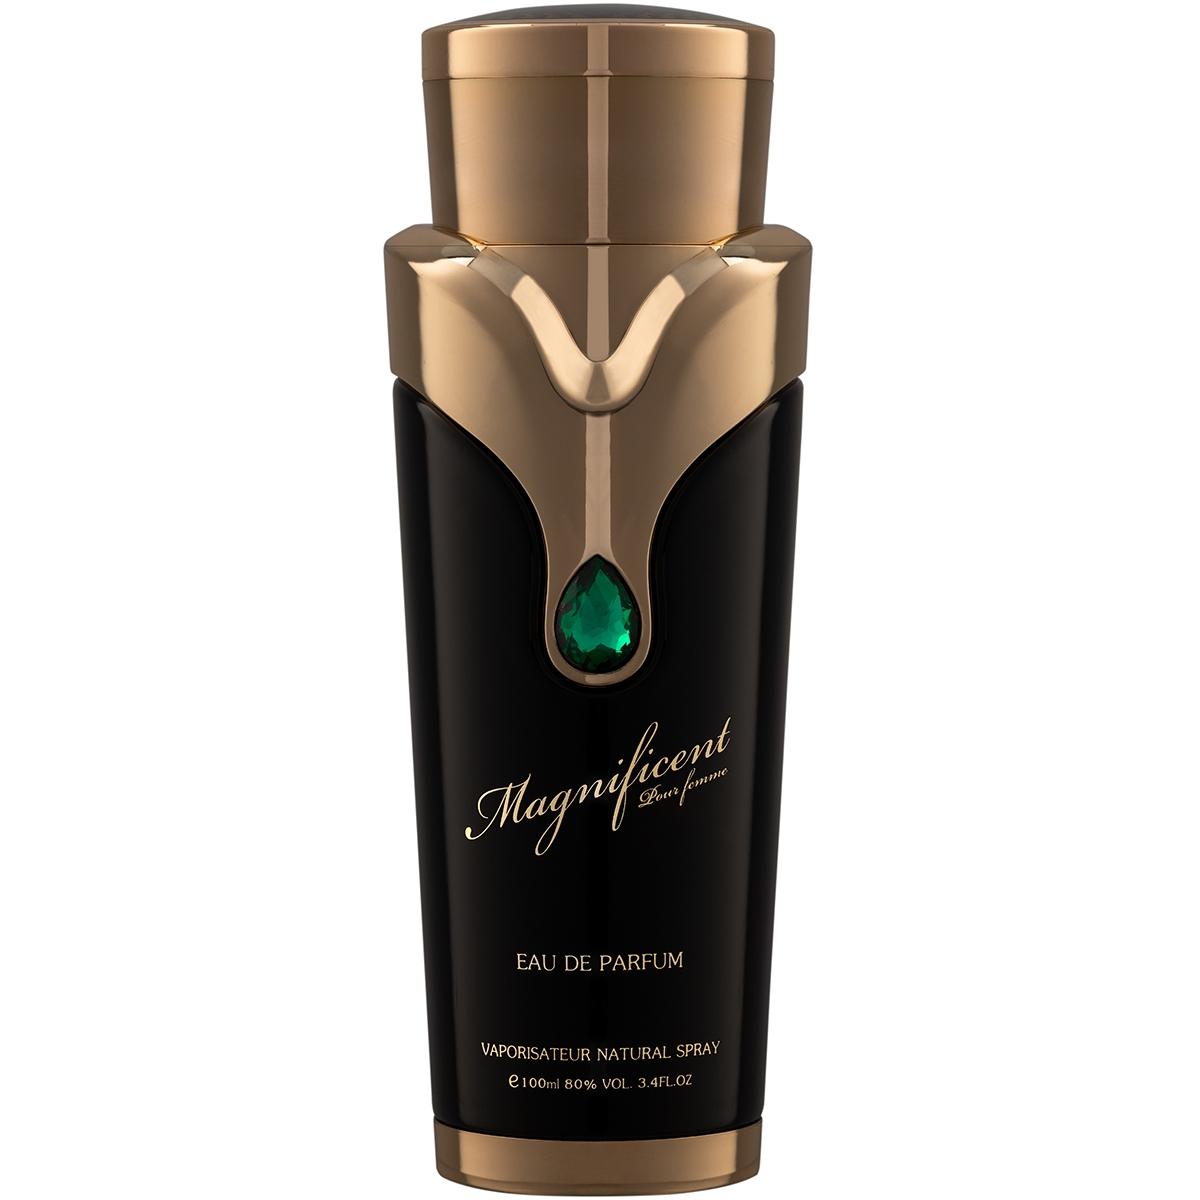 Parfum Arăbesc Magnificent Pour Femme